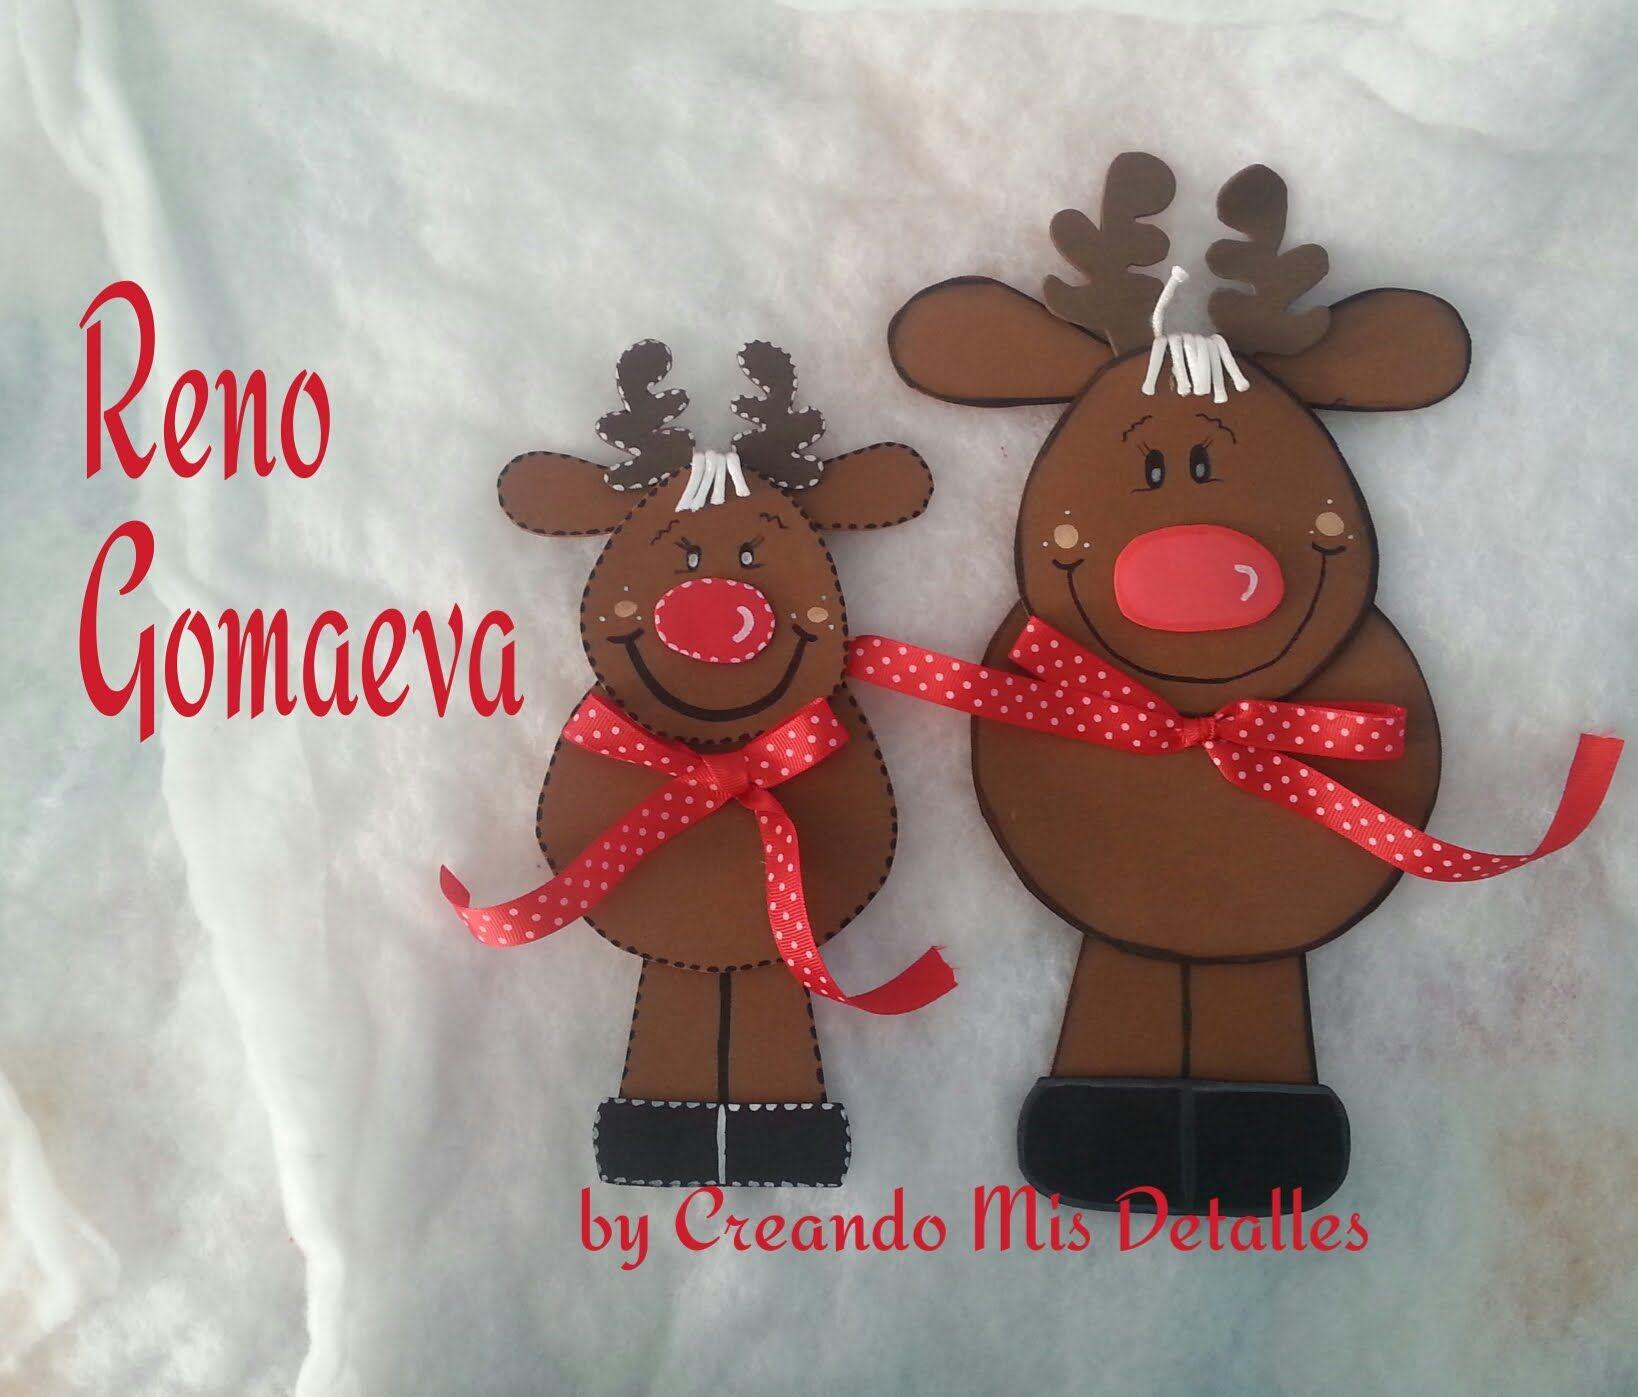 Reno navide o hecho con gomaeva r pido y f cil sant - Decoracion navidad goma eva ...